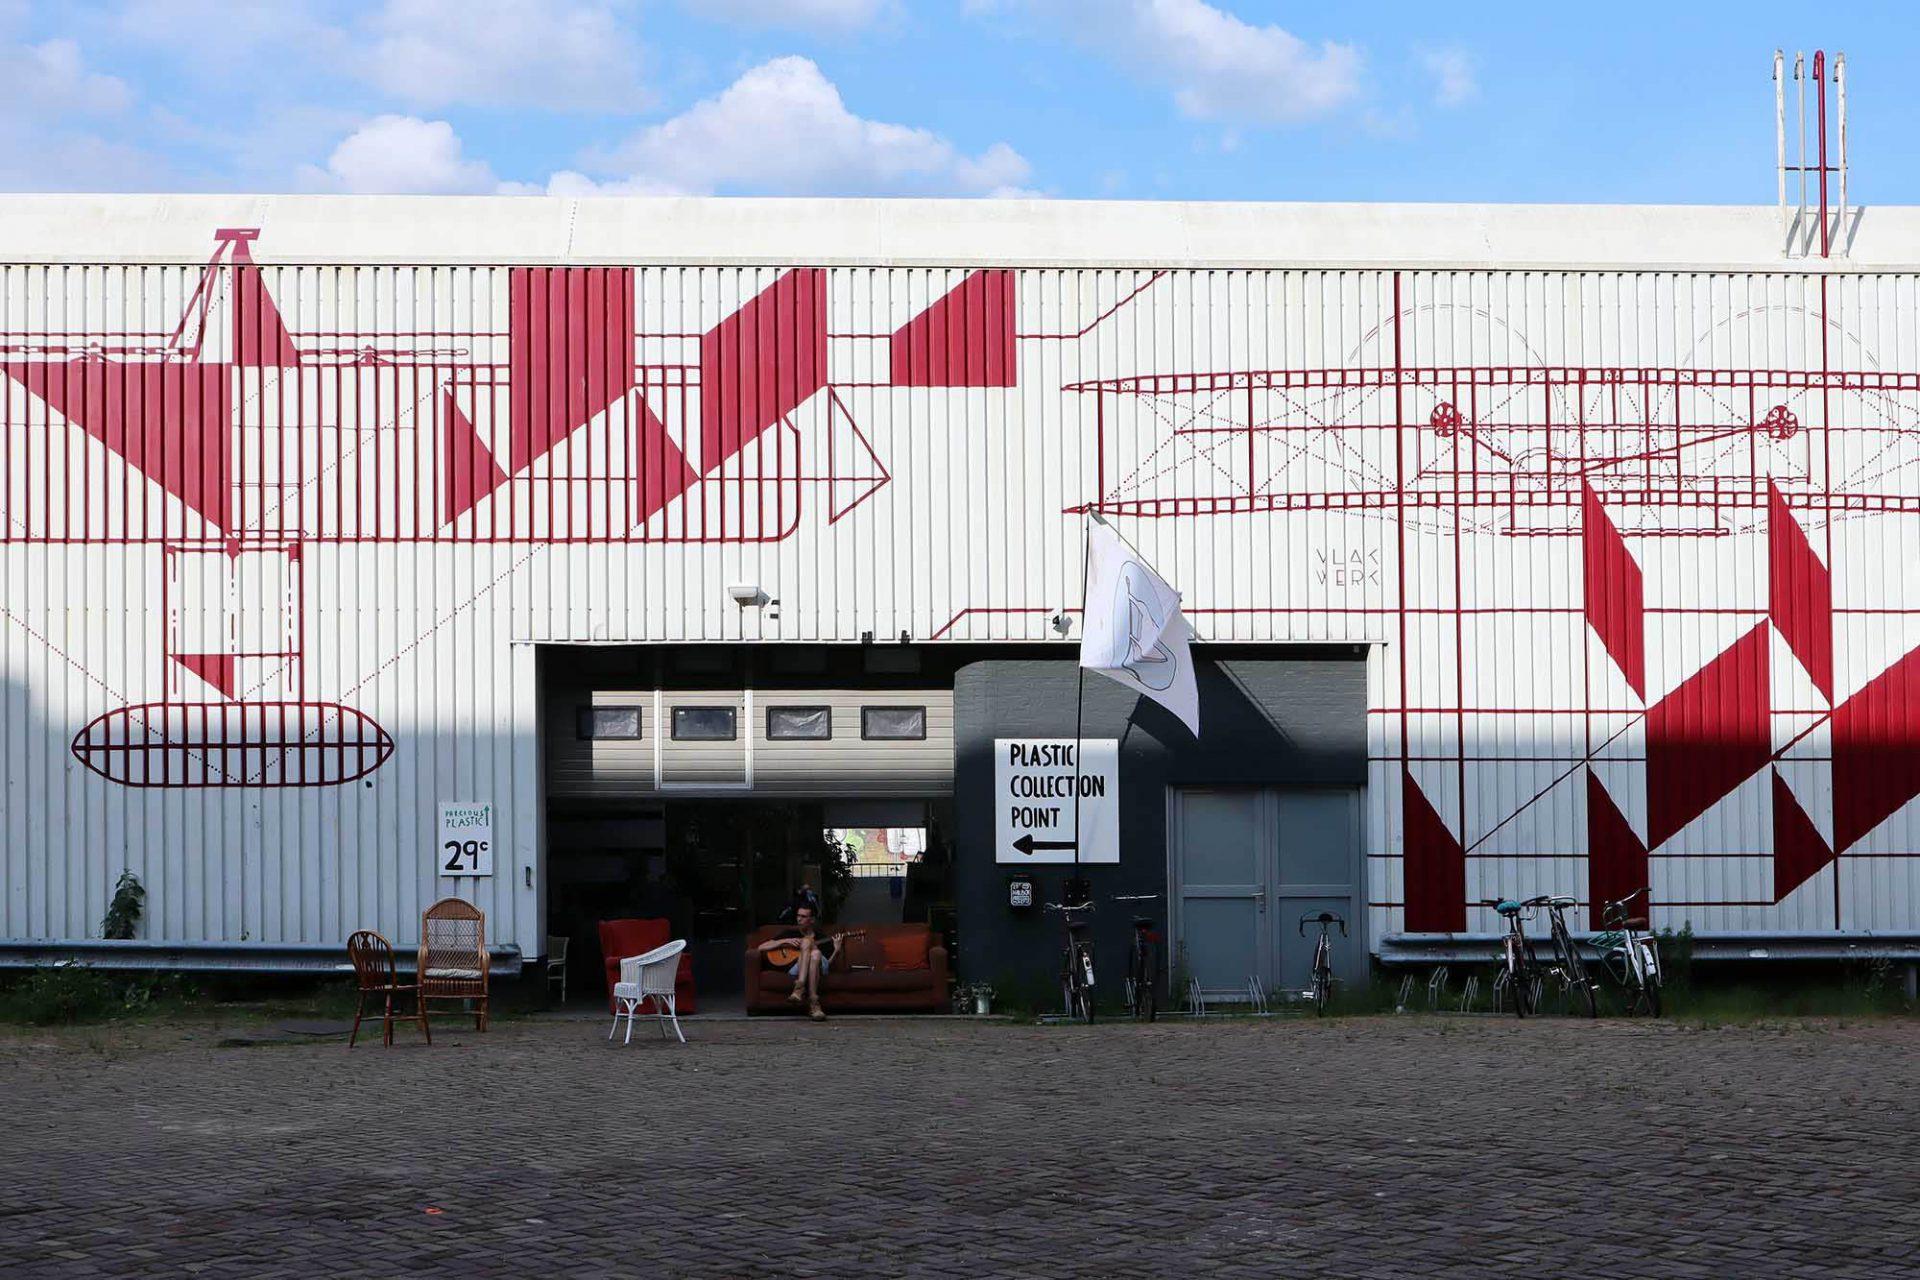 Precious Plastic. Die Ideenwerkstatt befindet sich in einer ehemaligen Industriehalle im Zentrum Eindhovens.